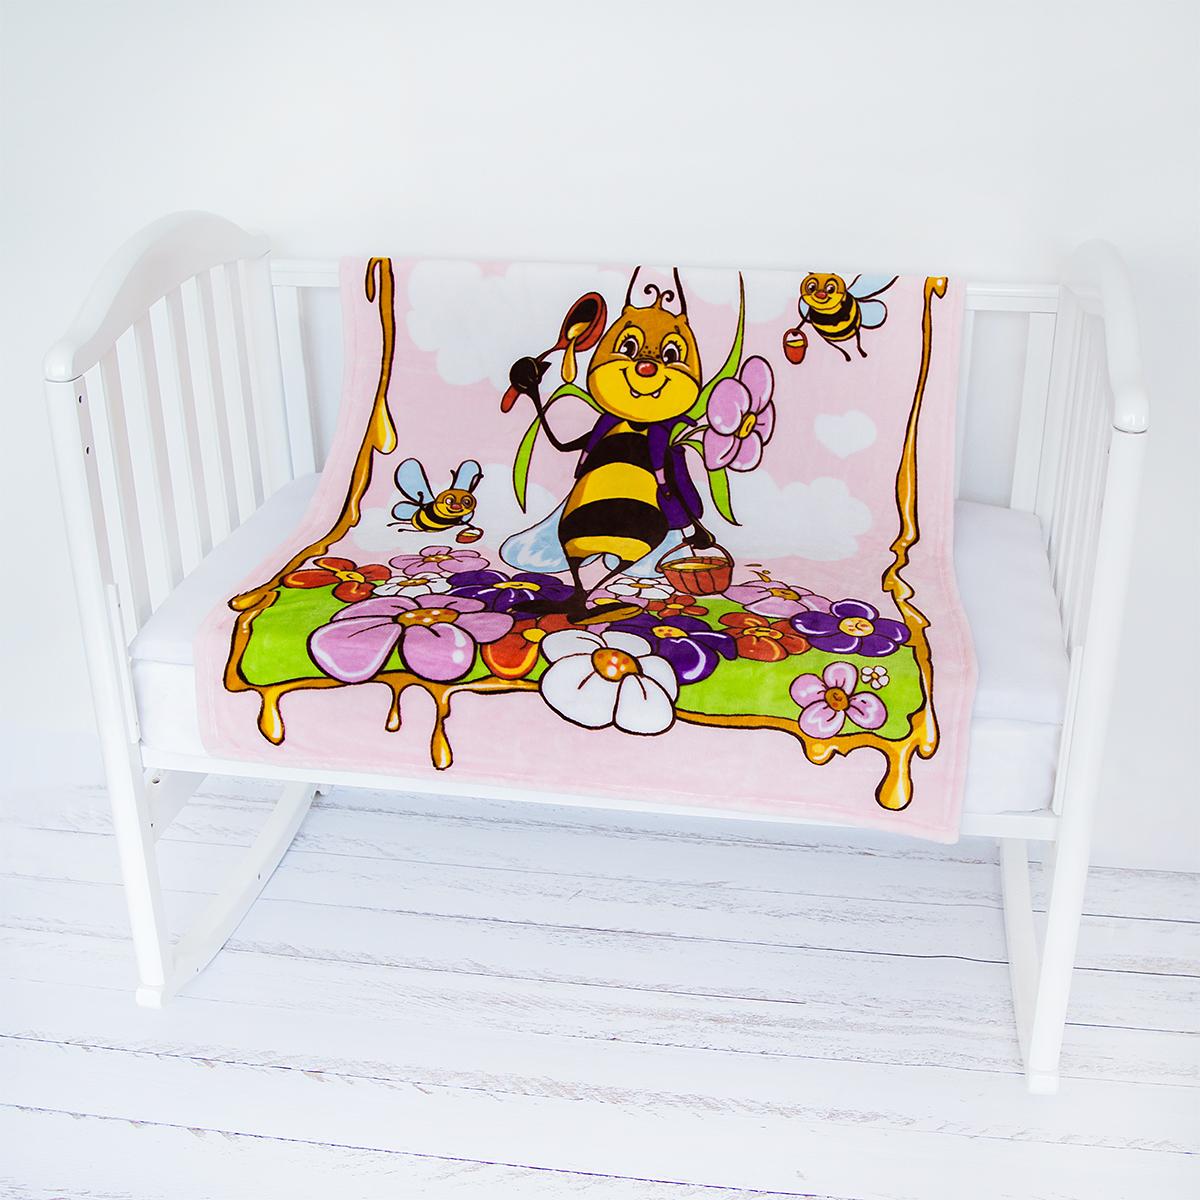 Baby Nice Плед-покрывало детский Micro Flannel Пчелы цвет розовыйV251284Нежные, очень комфортные к телу пледы-покрывала Micro Flannel детские - из нового необыкновенно мягкого и уютного, бархатистого, как плюшевая игрушка, материала - легкая воздухопроницаемая ткань, обладающая влагорегулирующими и терморегулирующими свойствами. Micro Flannel поддерживает температурный баланс, надежно сохраняет тепло, не раздражает кожу, является гипоаллергенным. Этот материал, достаточно новый для России, благодаря своему высокому качеству и необыкновенным потребительским свойствам, успел завоевать заслуженное признание за рубежом, особенно в Европе; обладает антипиллинговым свойством, не впитывает запахи, легок в стирке, не усаживается, быстро сохнет. Гипоаллергенными красителями нанесены эксклюзивные рисунки 3D.